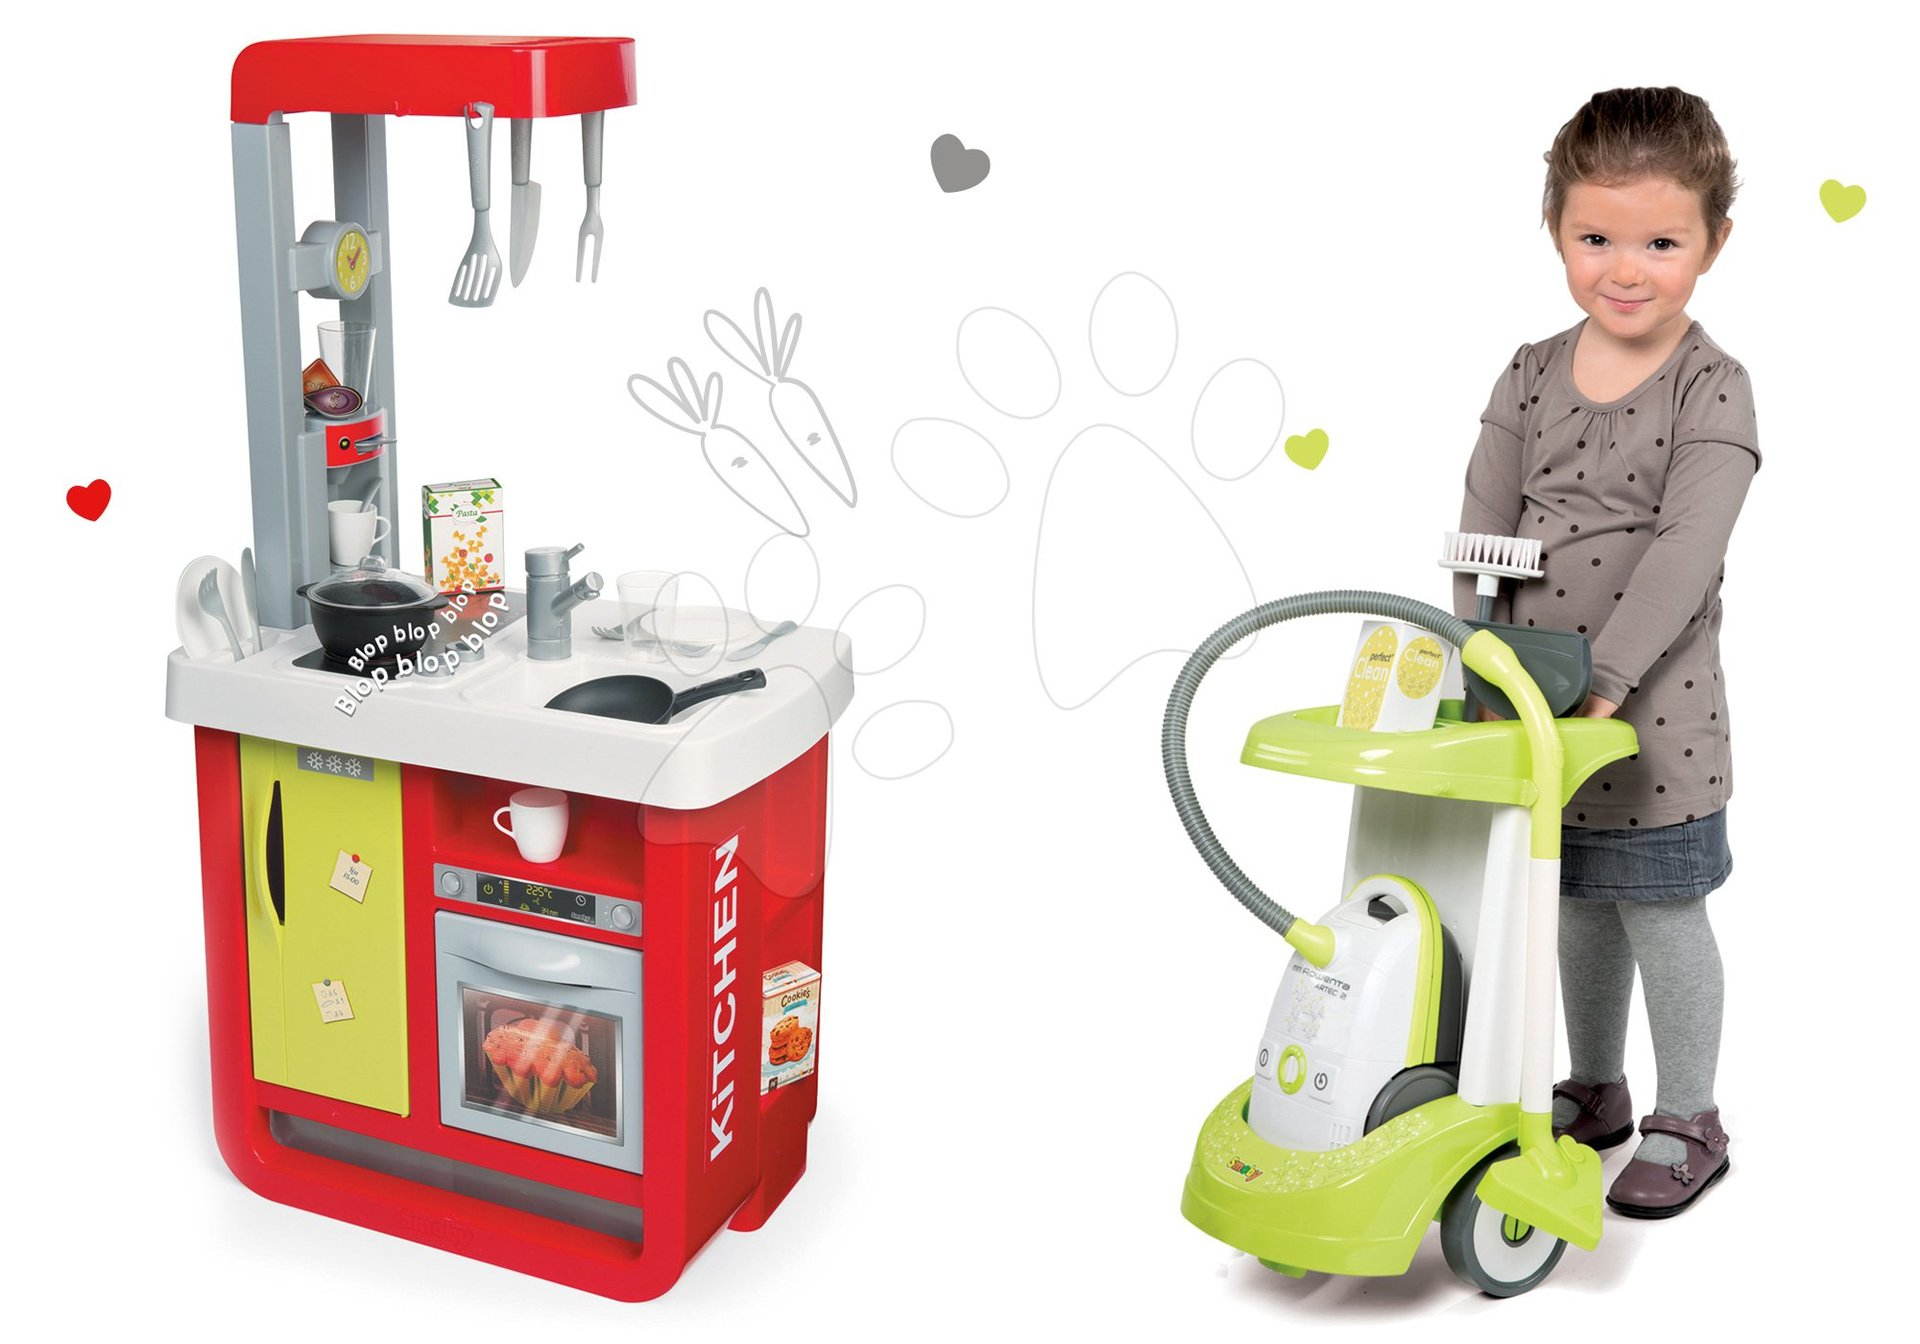 Kuchynky pre deti sety - Set kuchynka Cherry Special Smoby so zvukmi a kávovarom a upratovací vozík s vysávačom